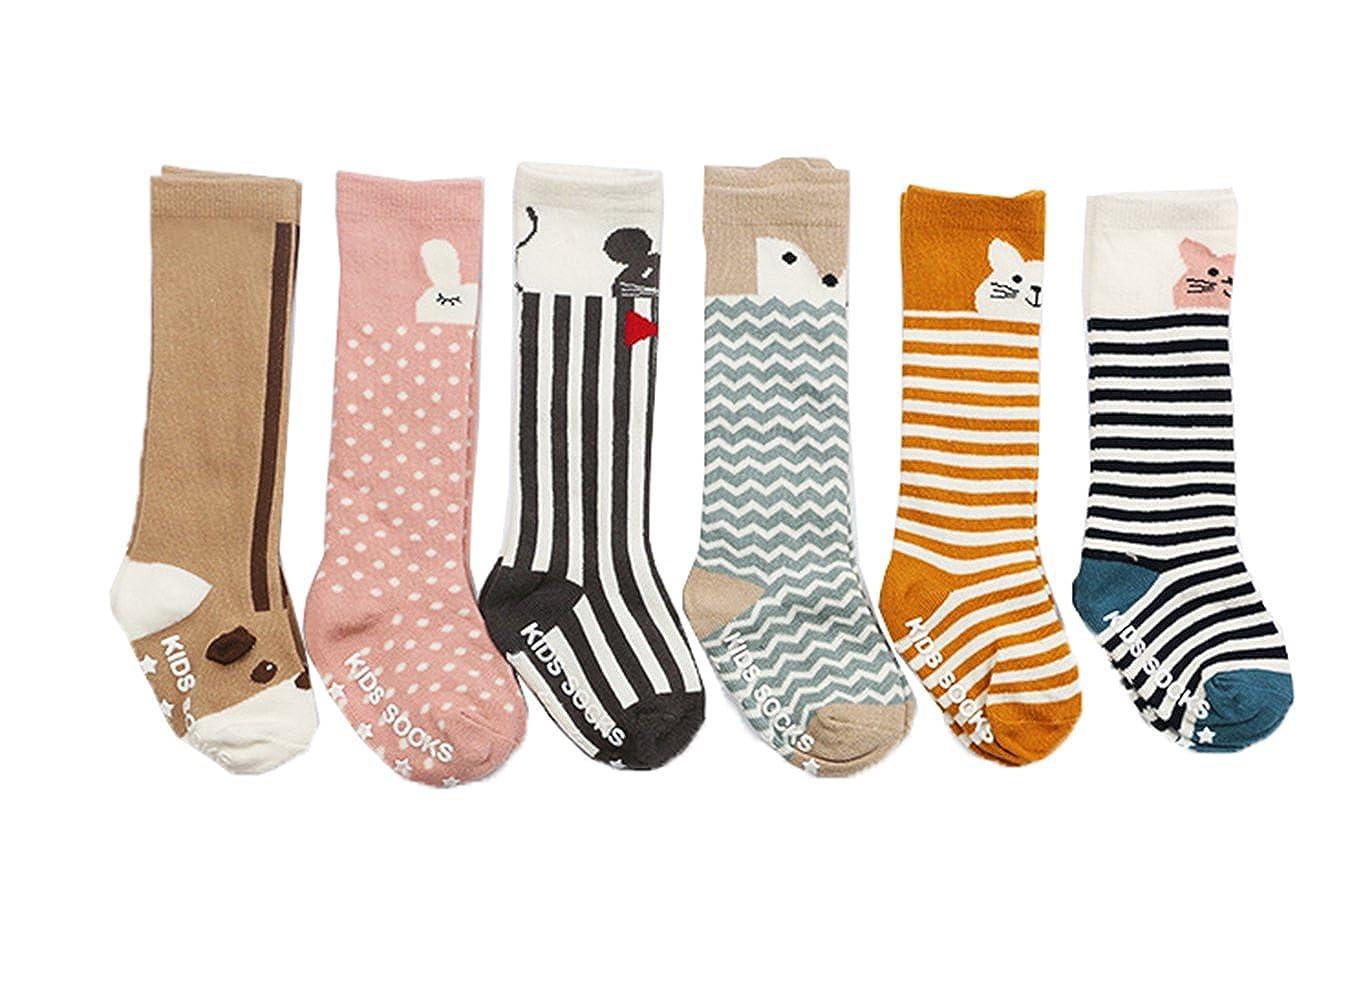 JT-Amigo - Calzini Calzettoni al Ginocchio Antiscivolo - Bambini e Neonati - Confezione da 6 Paia Kids-Sock-Set7